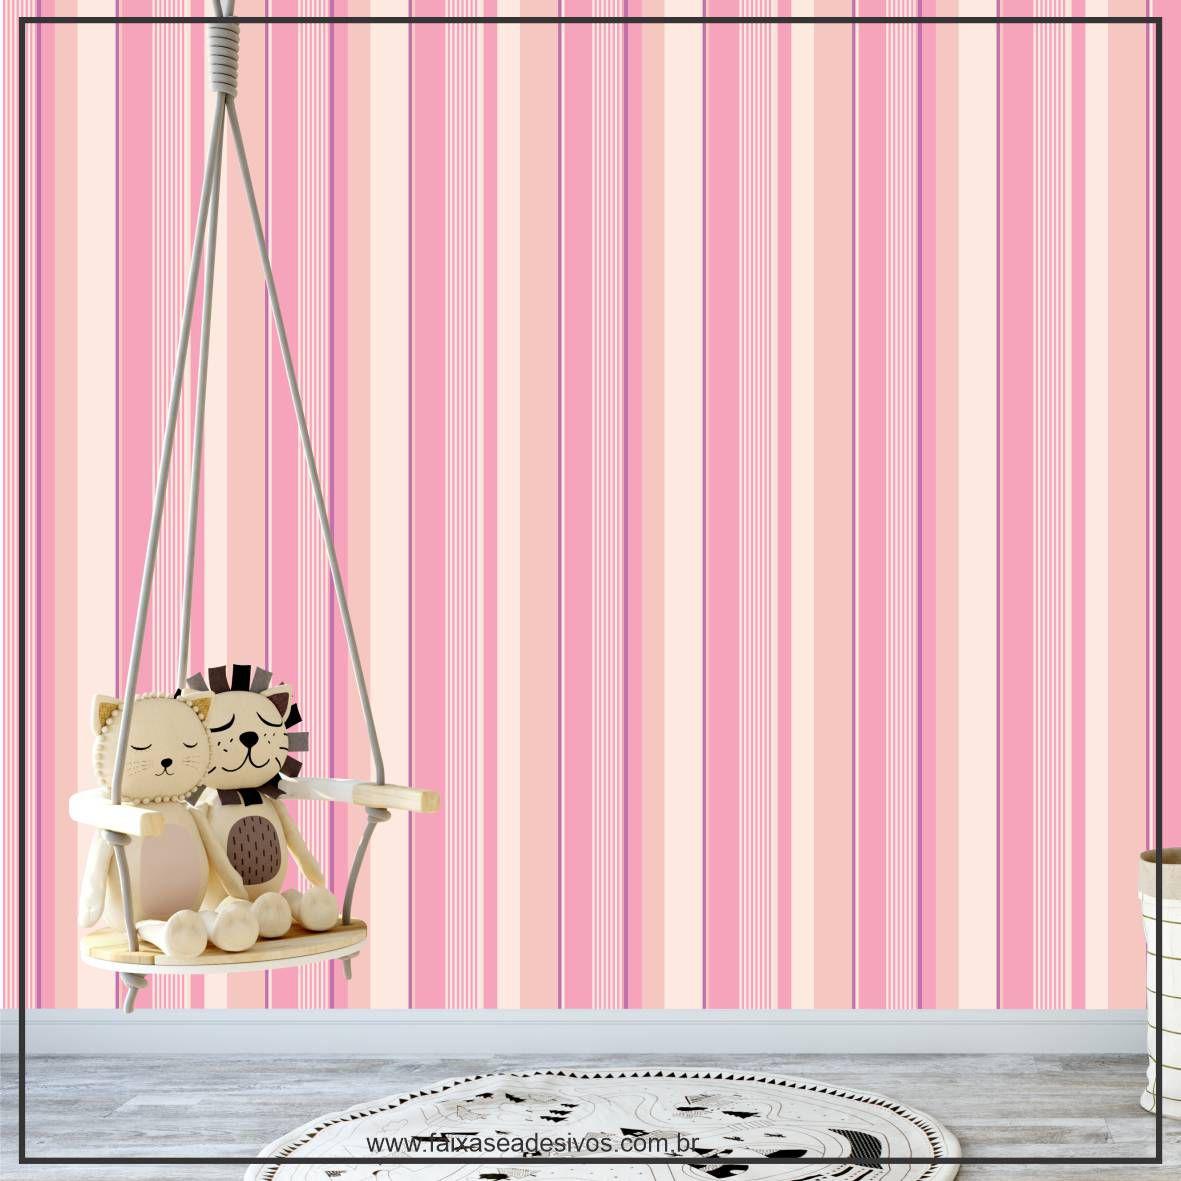 033 - Adesivo Decorativo de parede Listras creme rosa - 58cm larg  - FAC Signs Impressão Digital